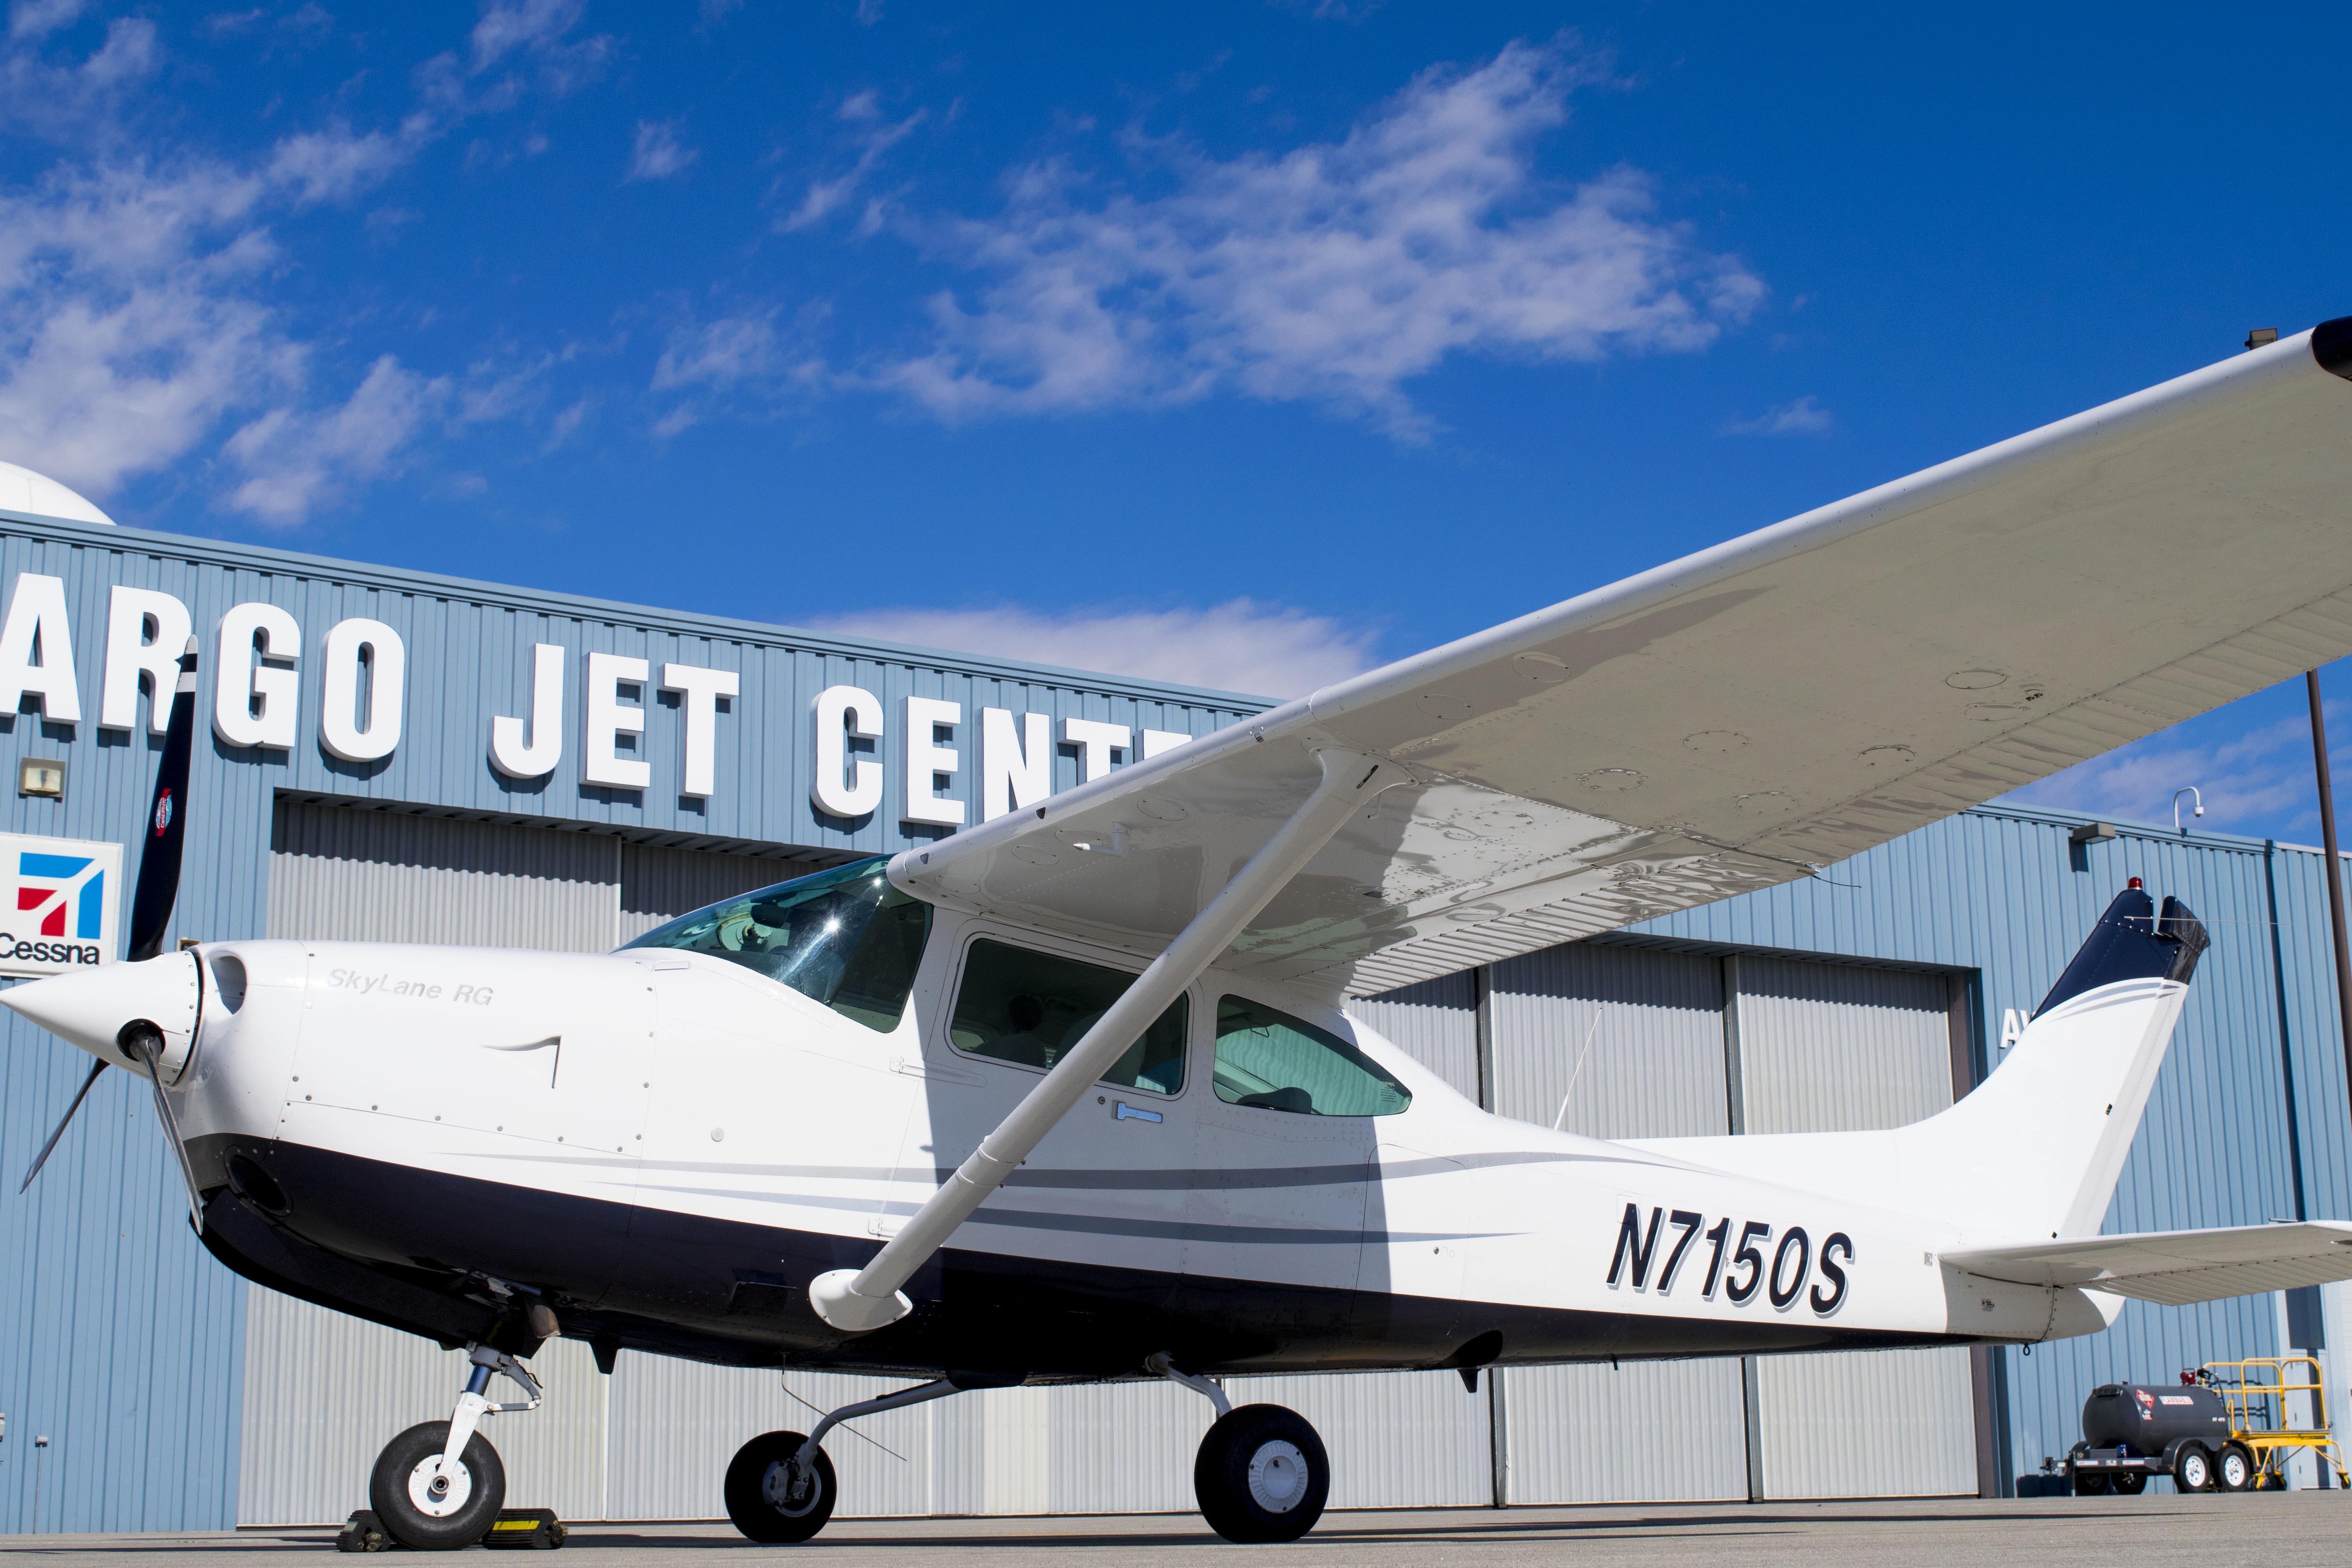 c182-fargo-jet-center